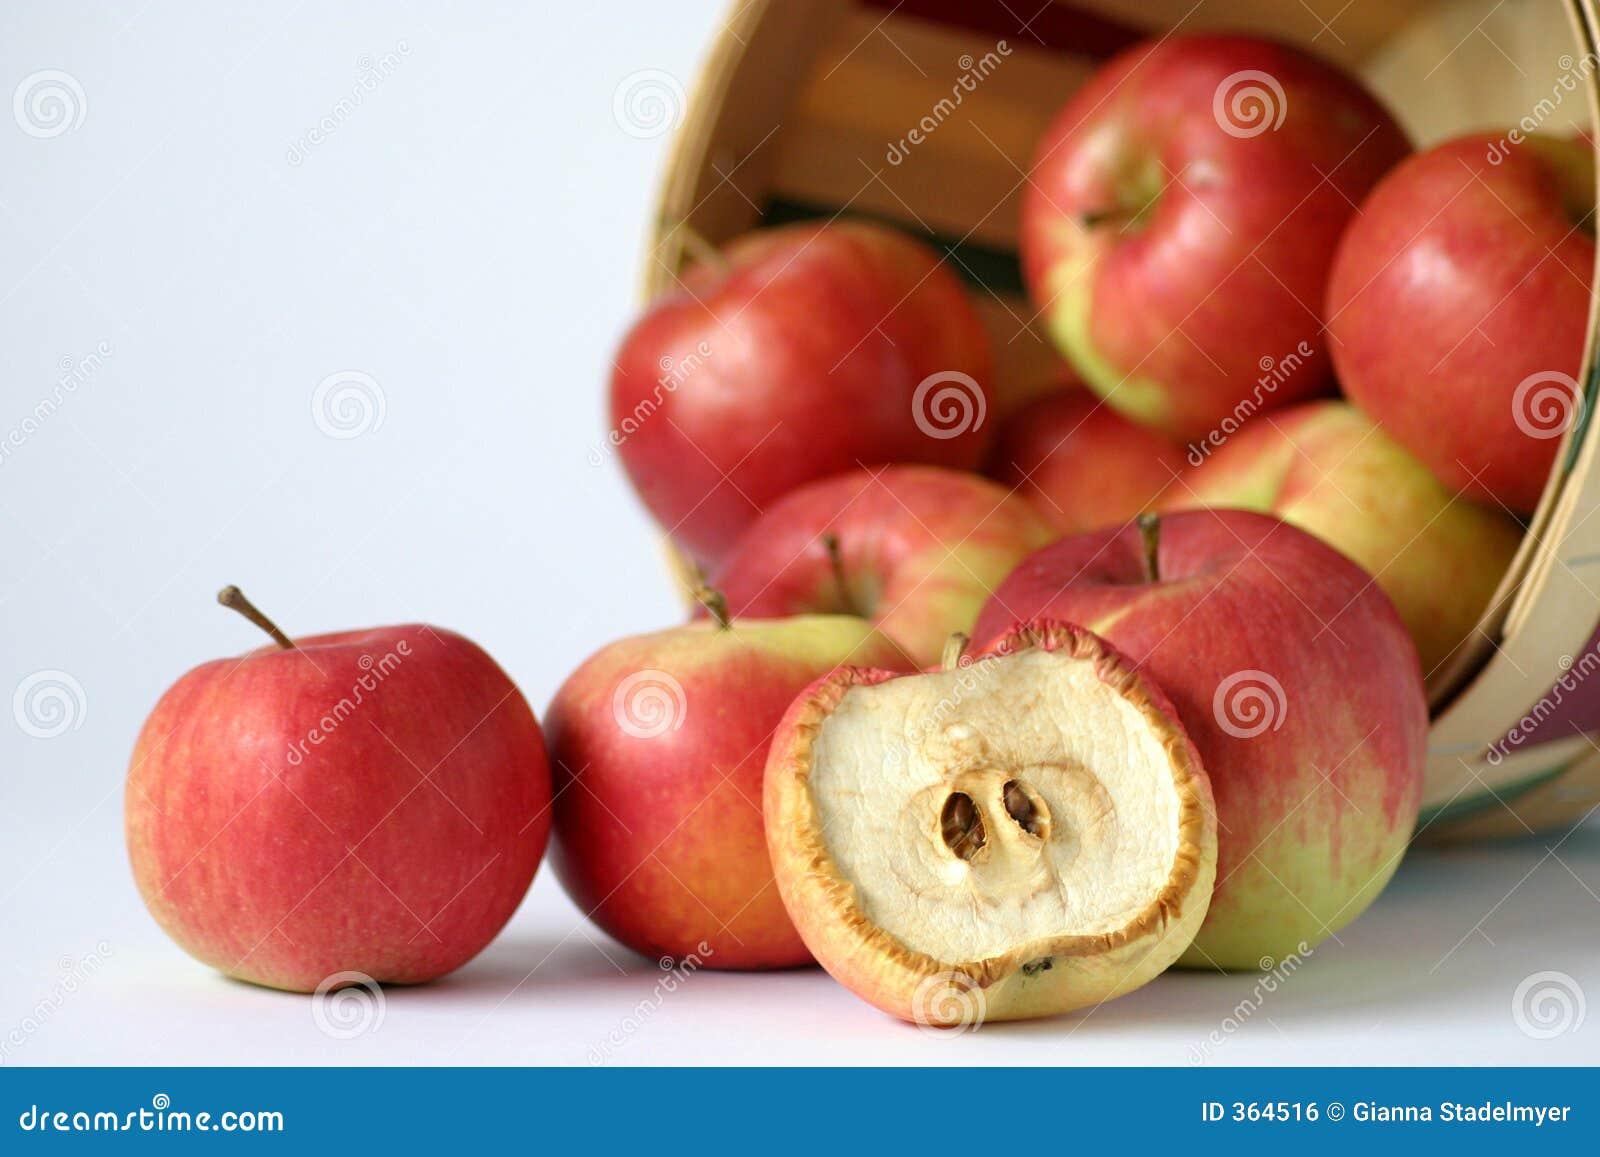 Spolierar dålig grupp en för äpplet